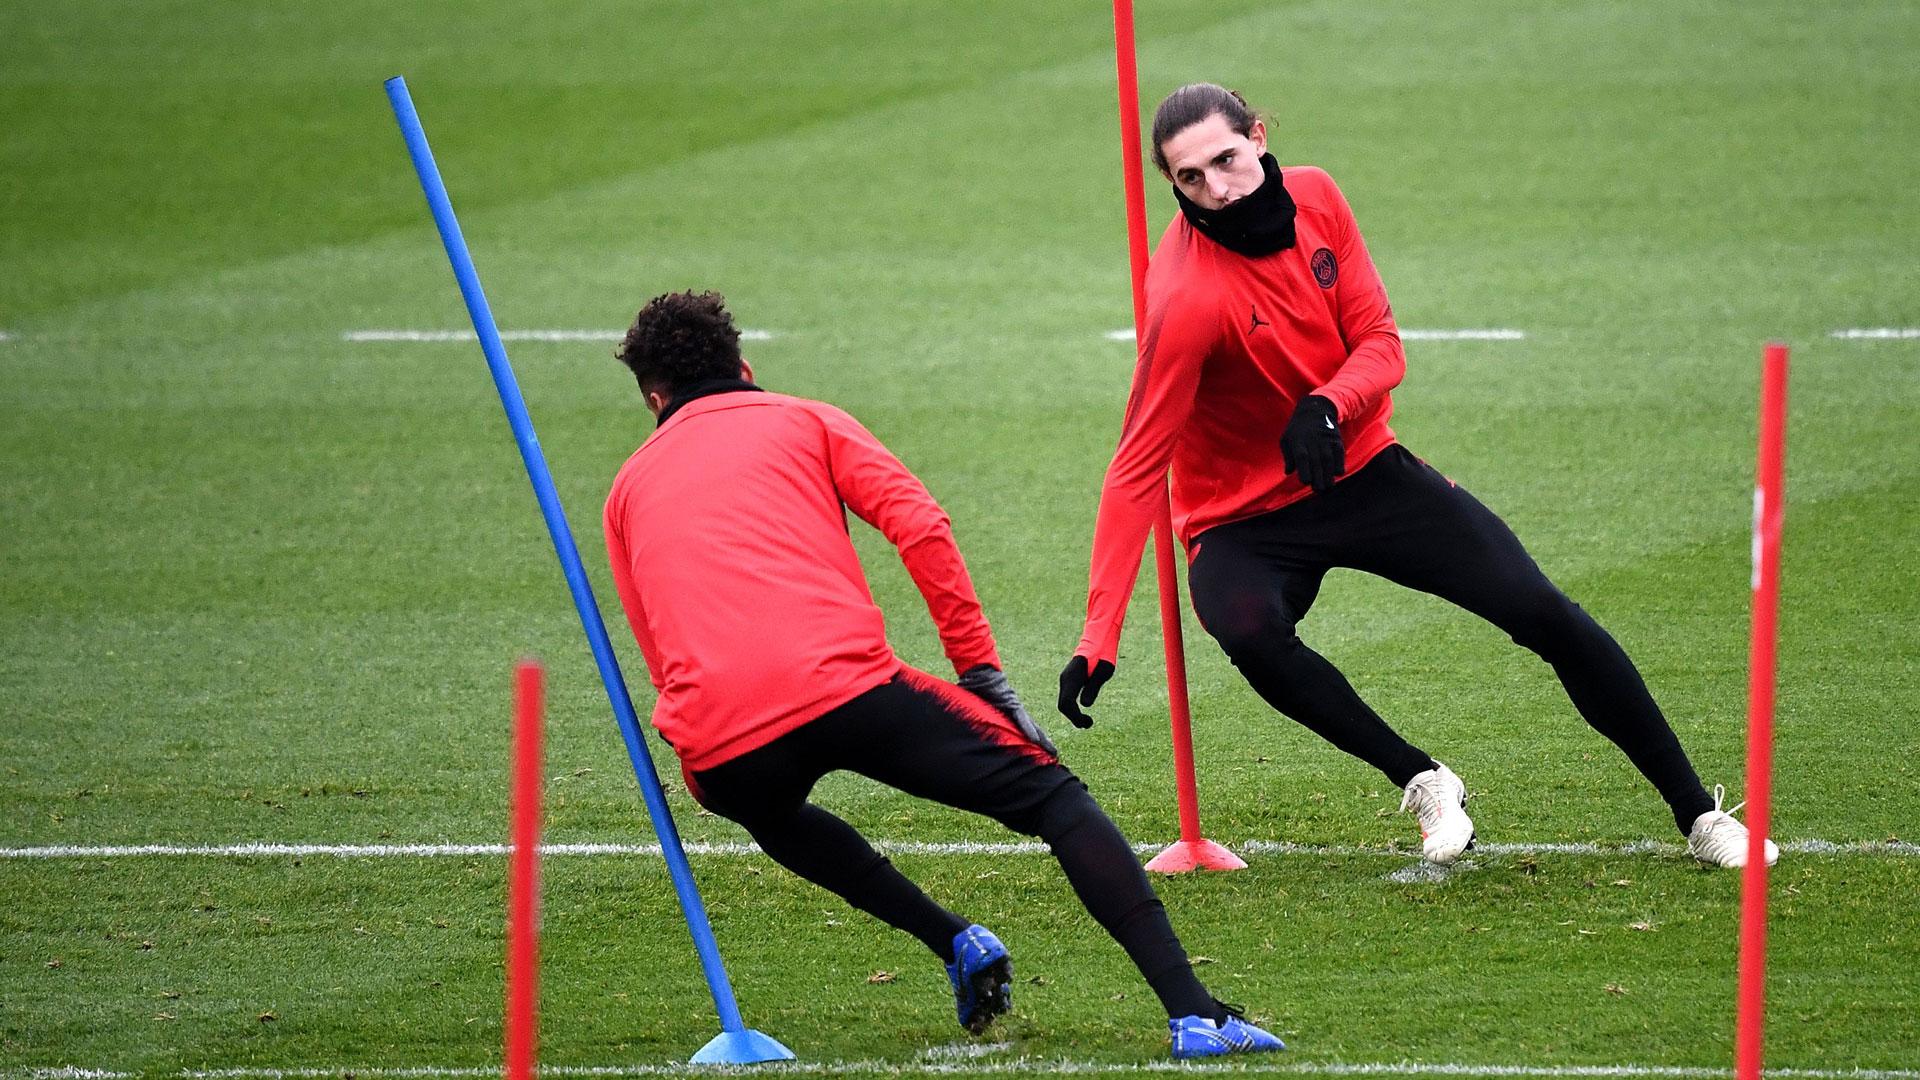 Adrien Rabiot PSG Training Paris St. Germain 27112018